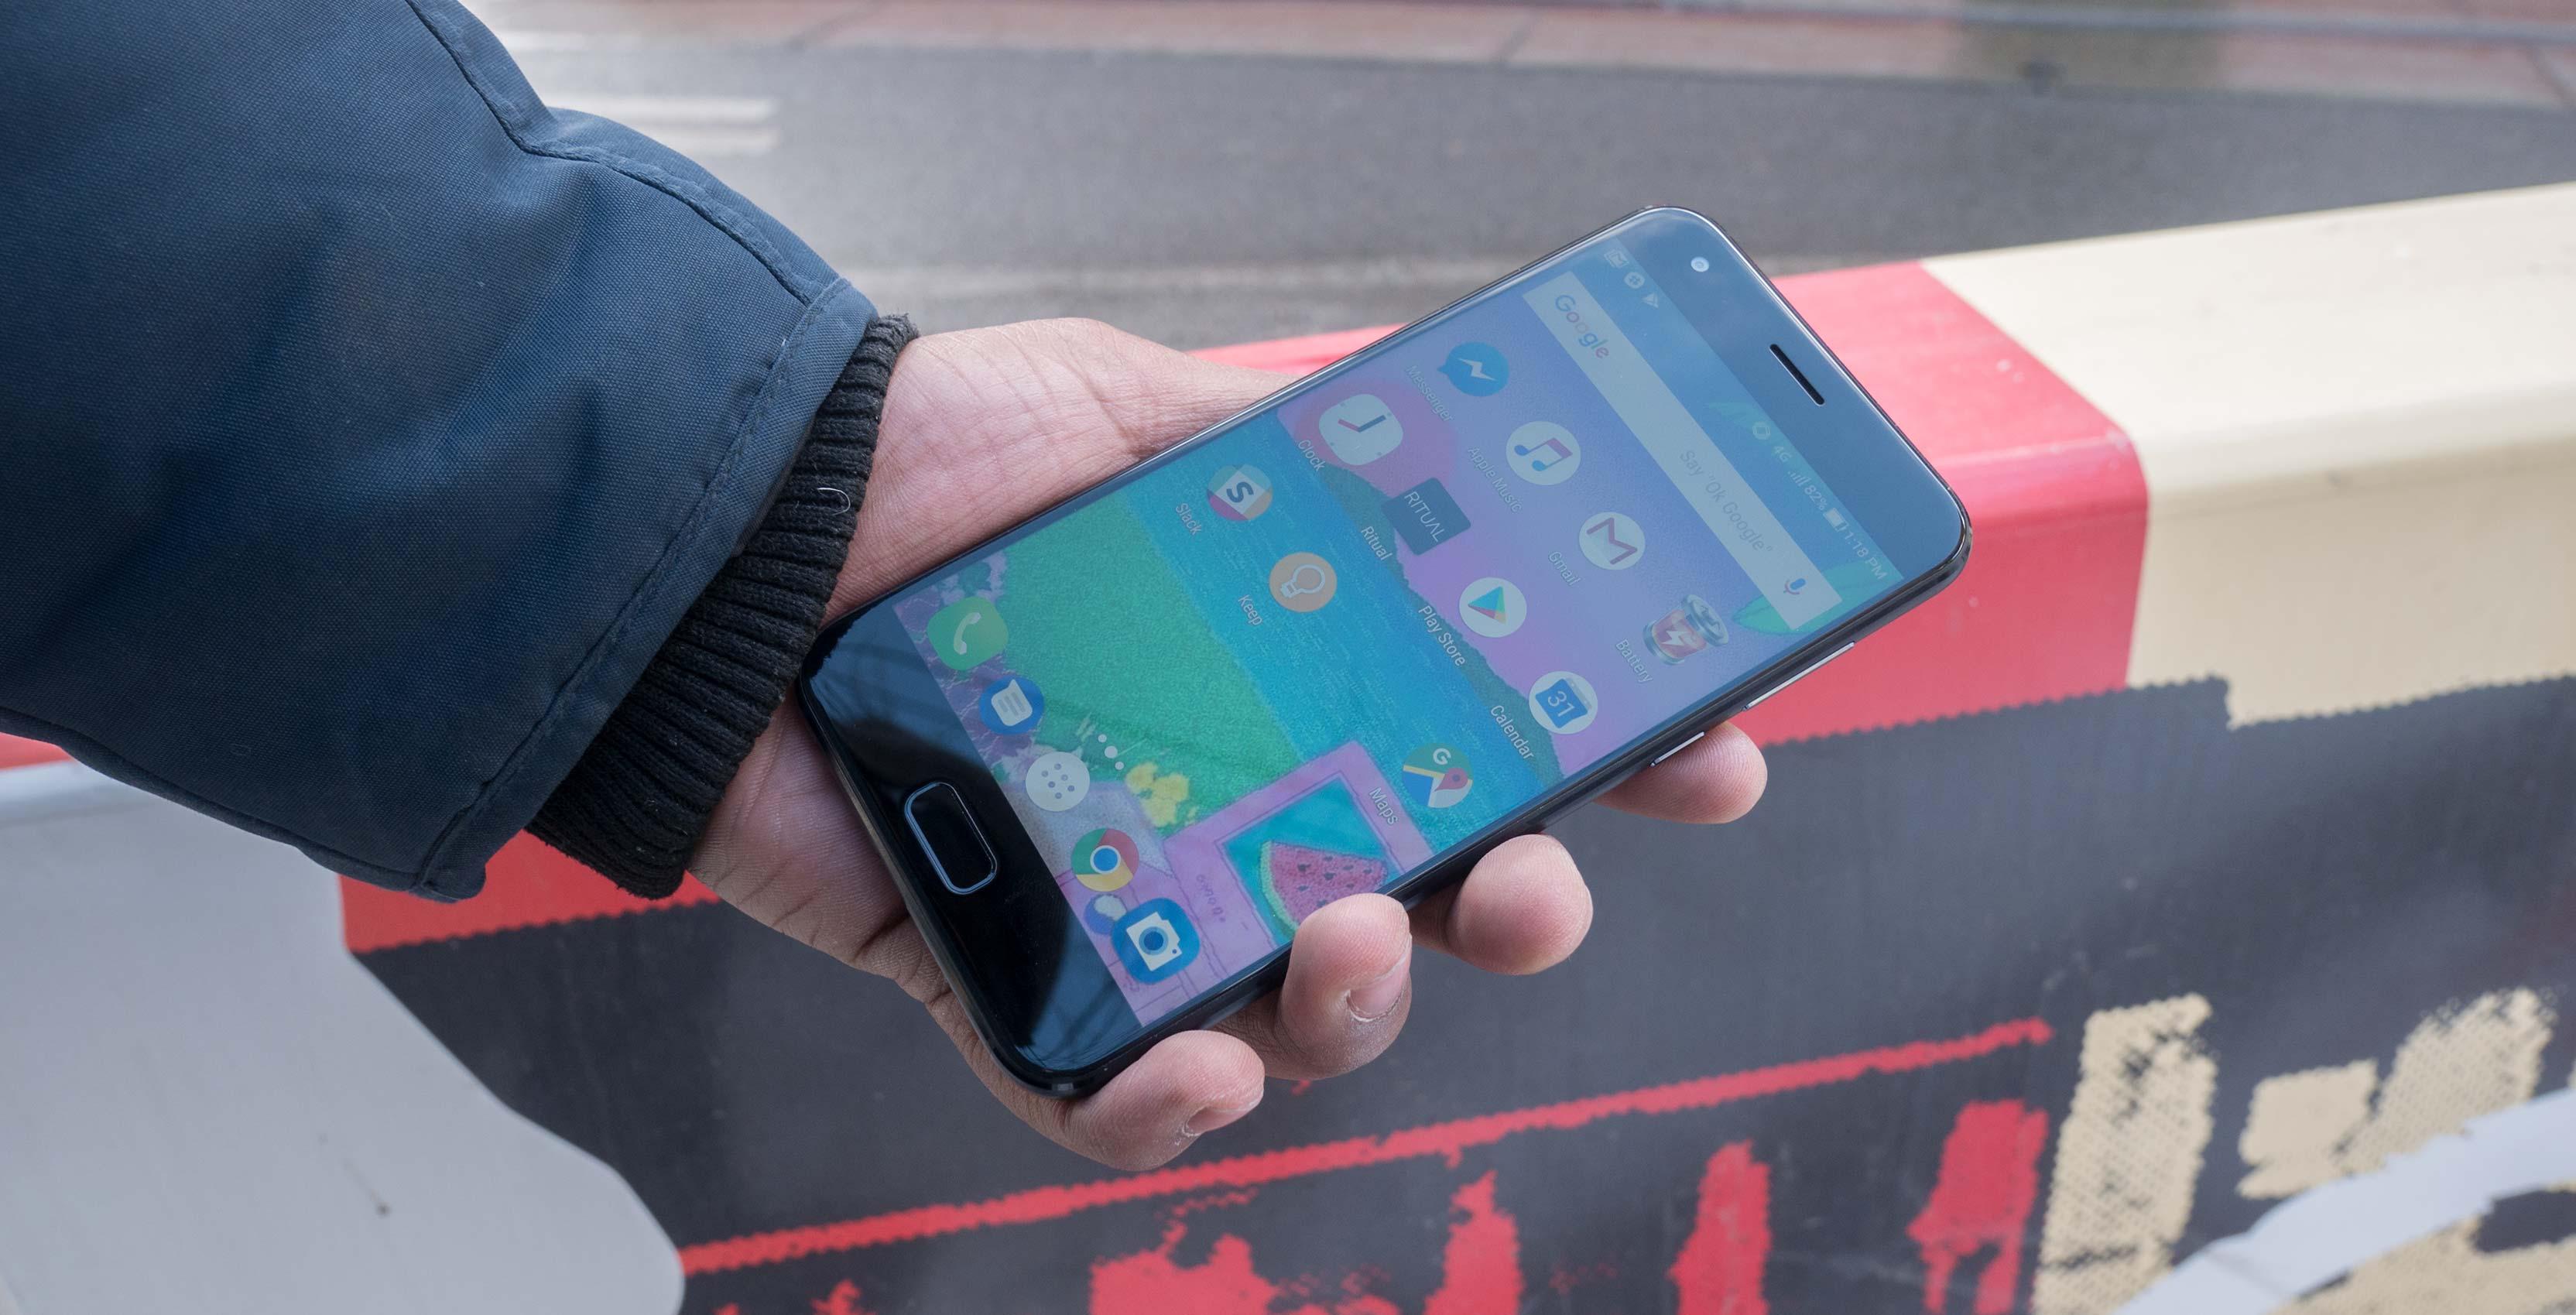 Asus ZenFone 4 in hand